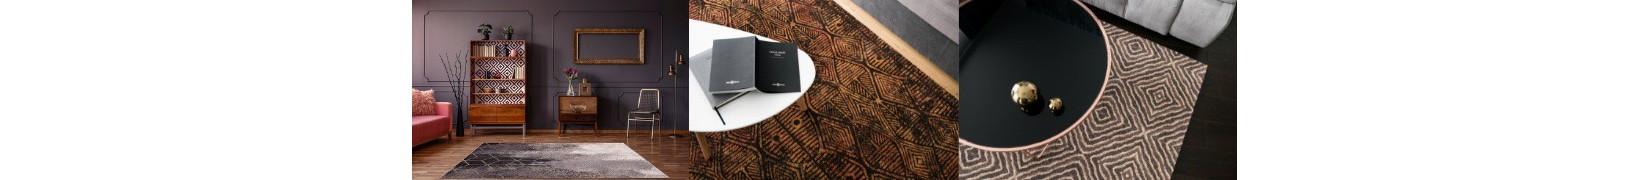 Dywany wełniane prostokątne. ŚliczneDywany.pl - najdłużej działający sklep online w Polsce! Dywany Toruń